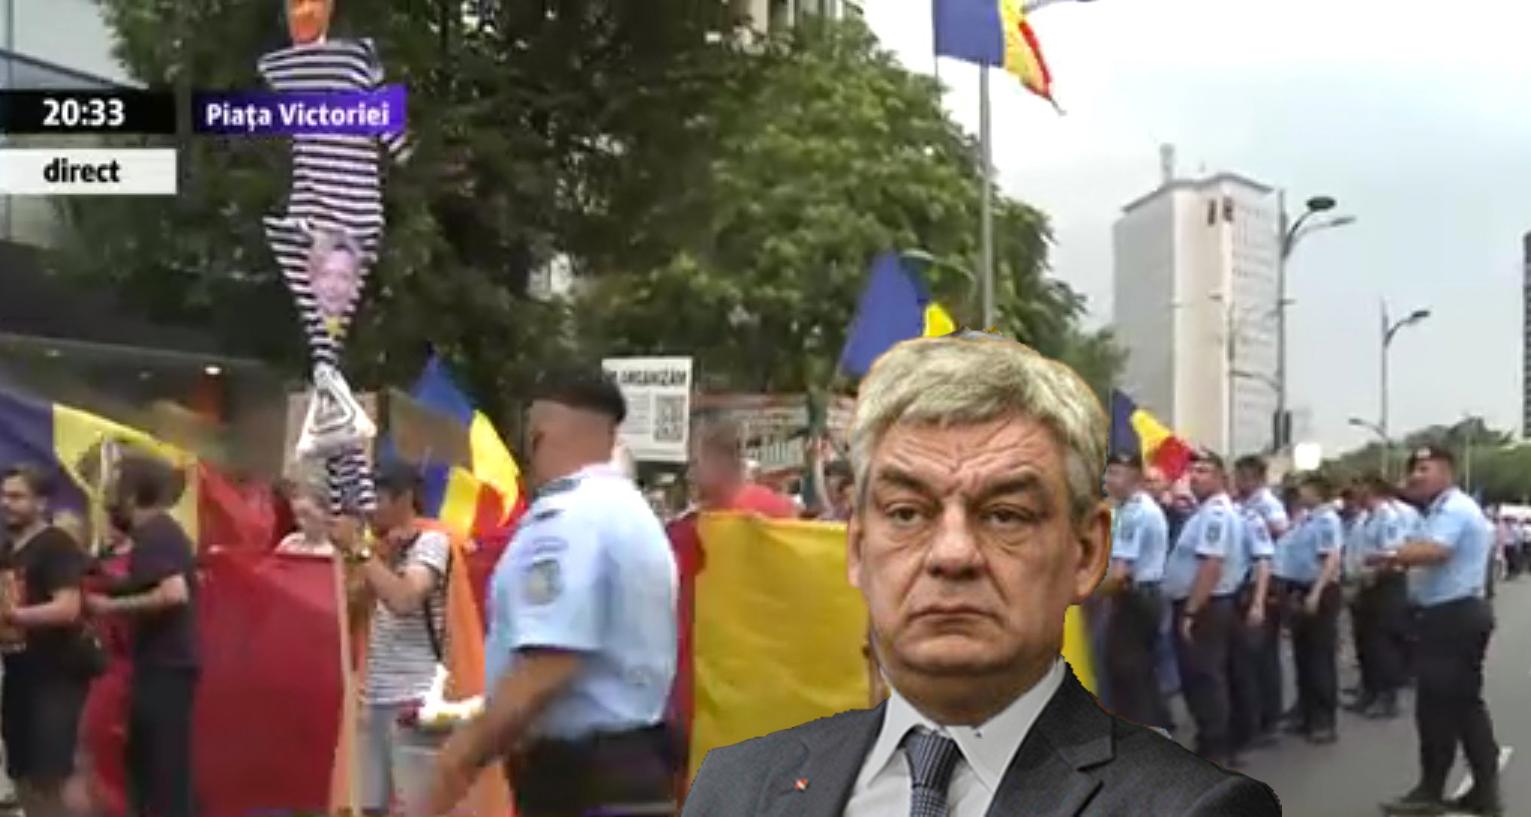 Mihai Tudose a ieșit la protest! Se zvonește că se dau 50 de lei de om, 30 de lei de câine și o juma' de votcă de premier